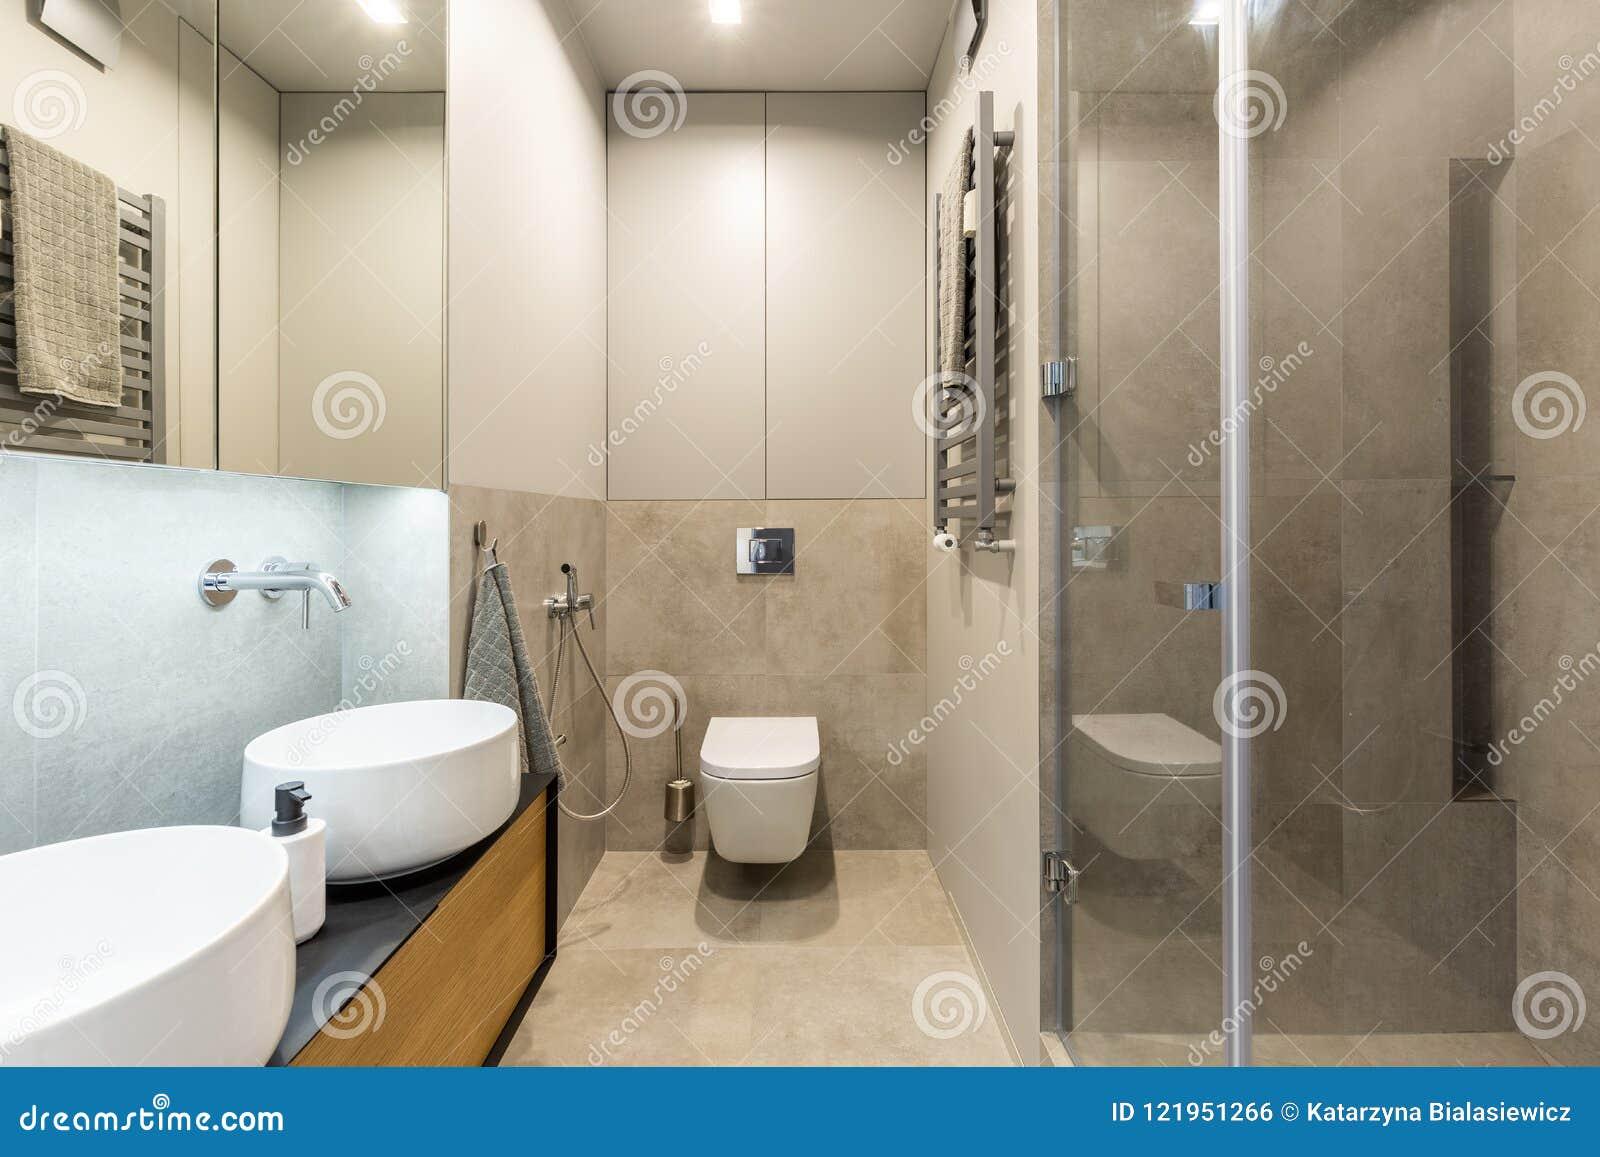 Toilette Blanche Contre Le Mur Beige Dans L\'intérieur ...